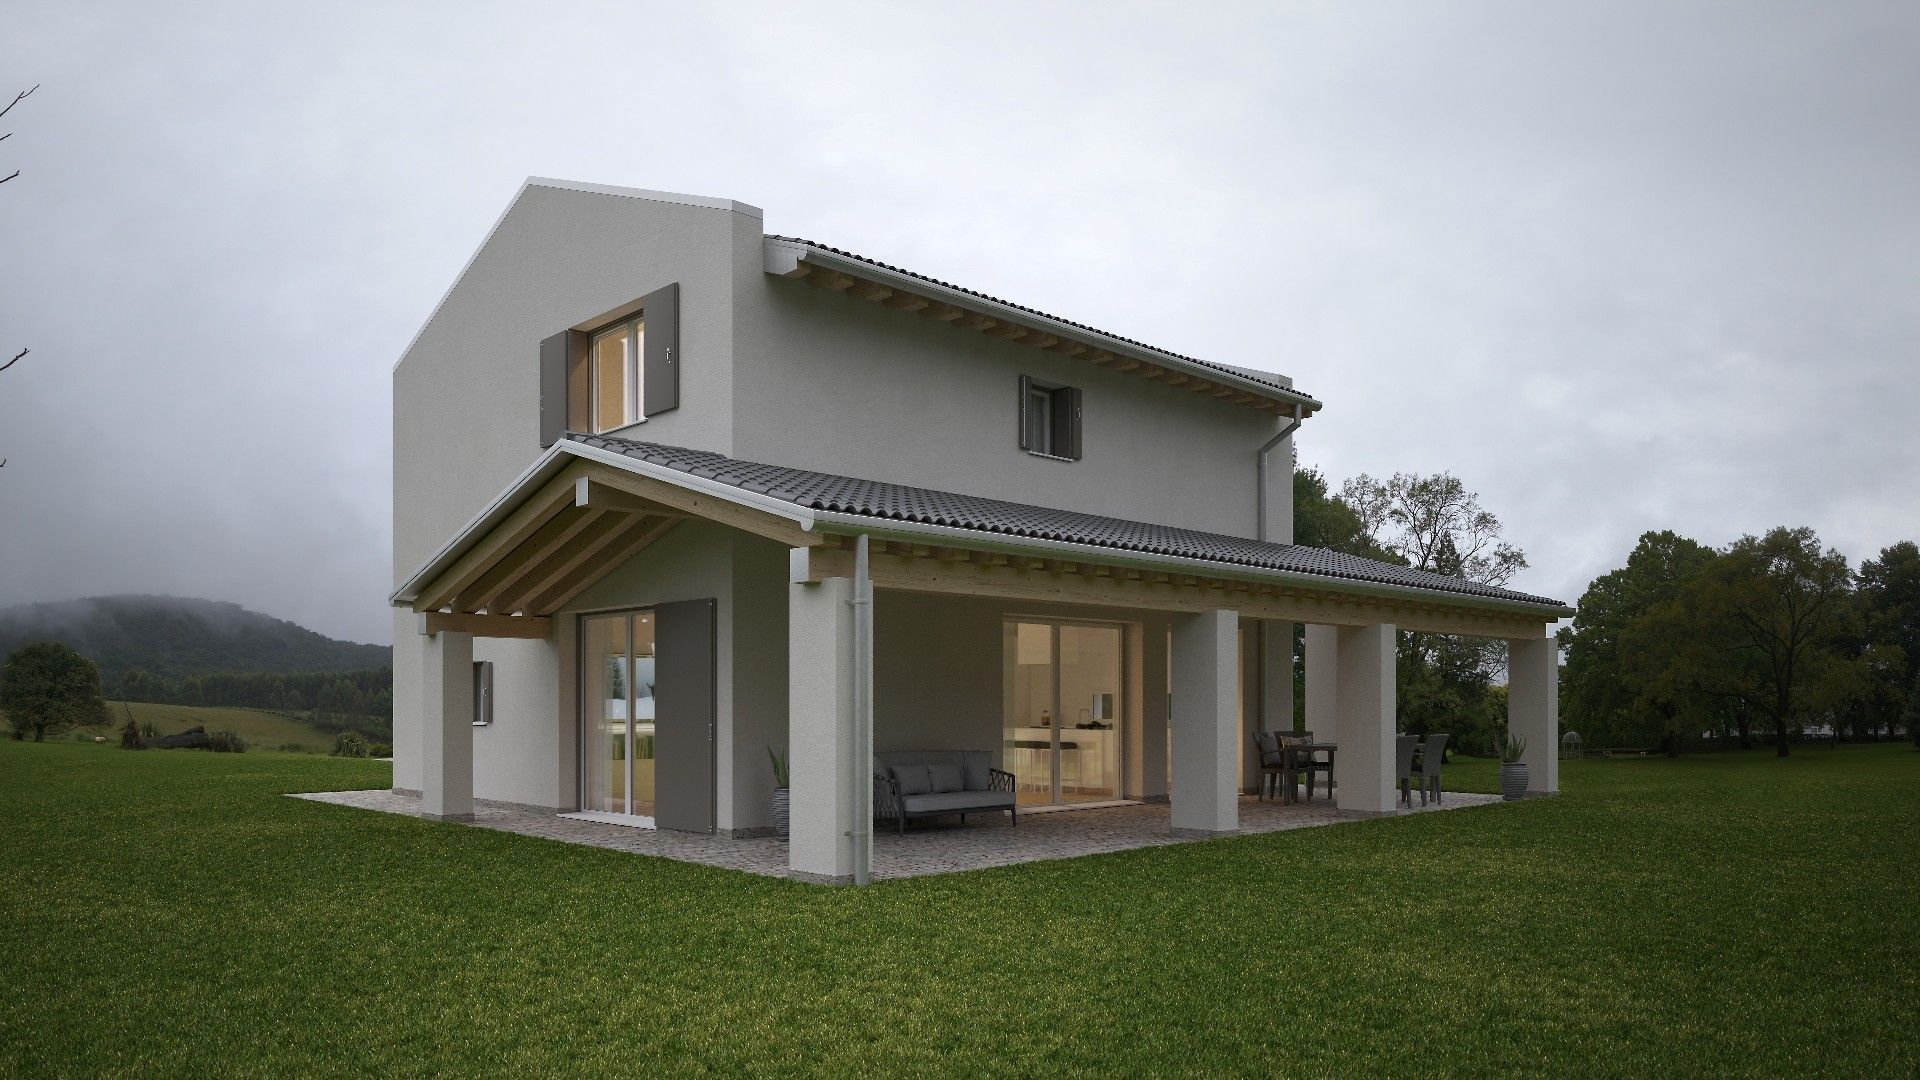 Casa In Legno Prefabbricata Case Di Legno Progetto Casa Moderna